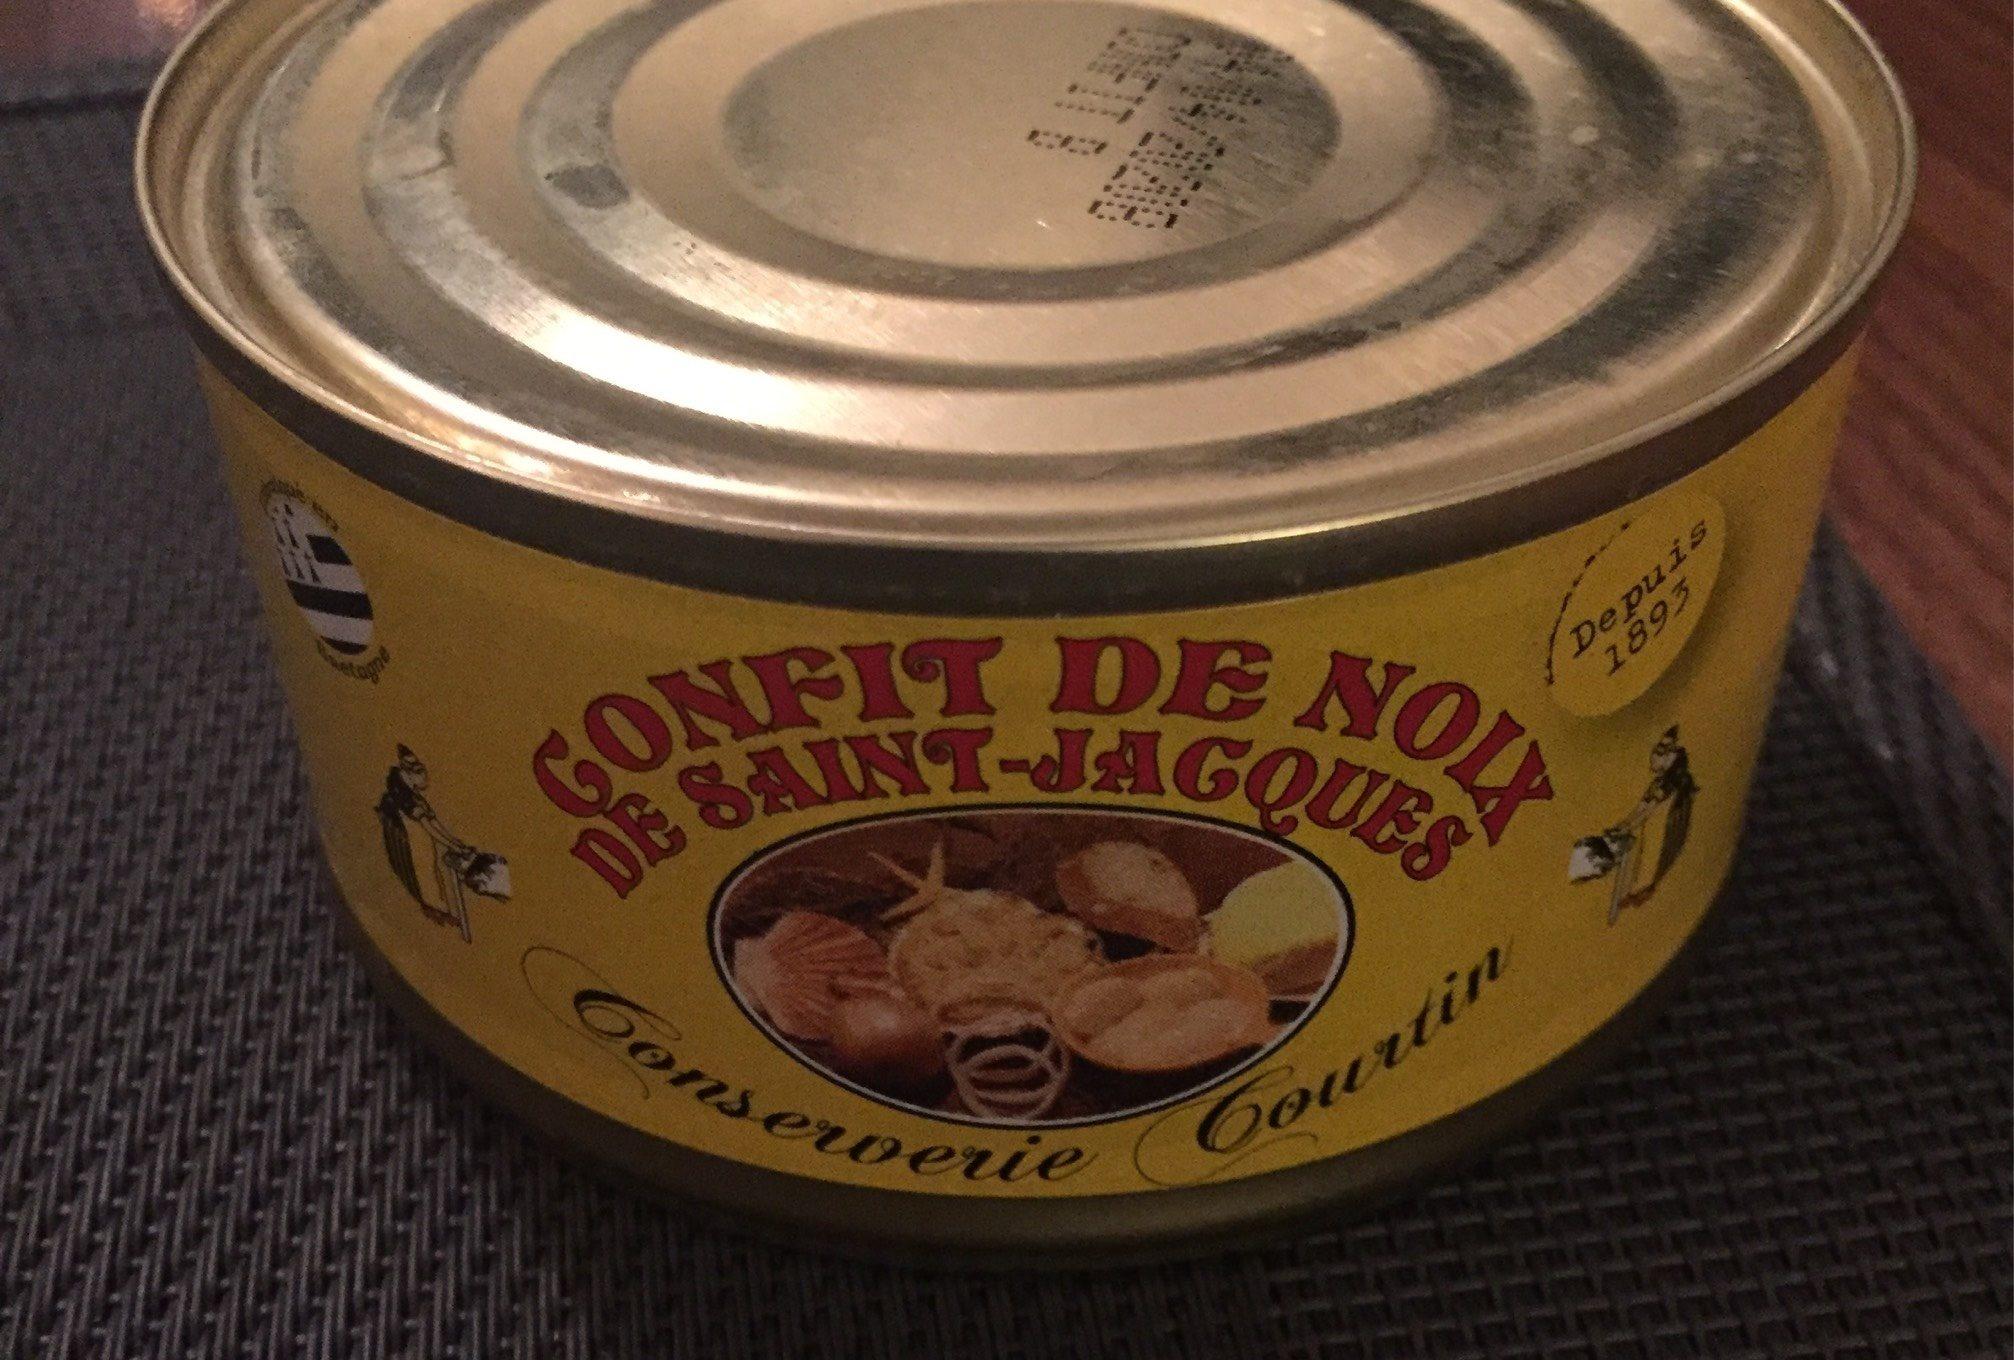 Confit de noix de Saint Jacques - Product